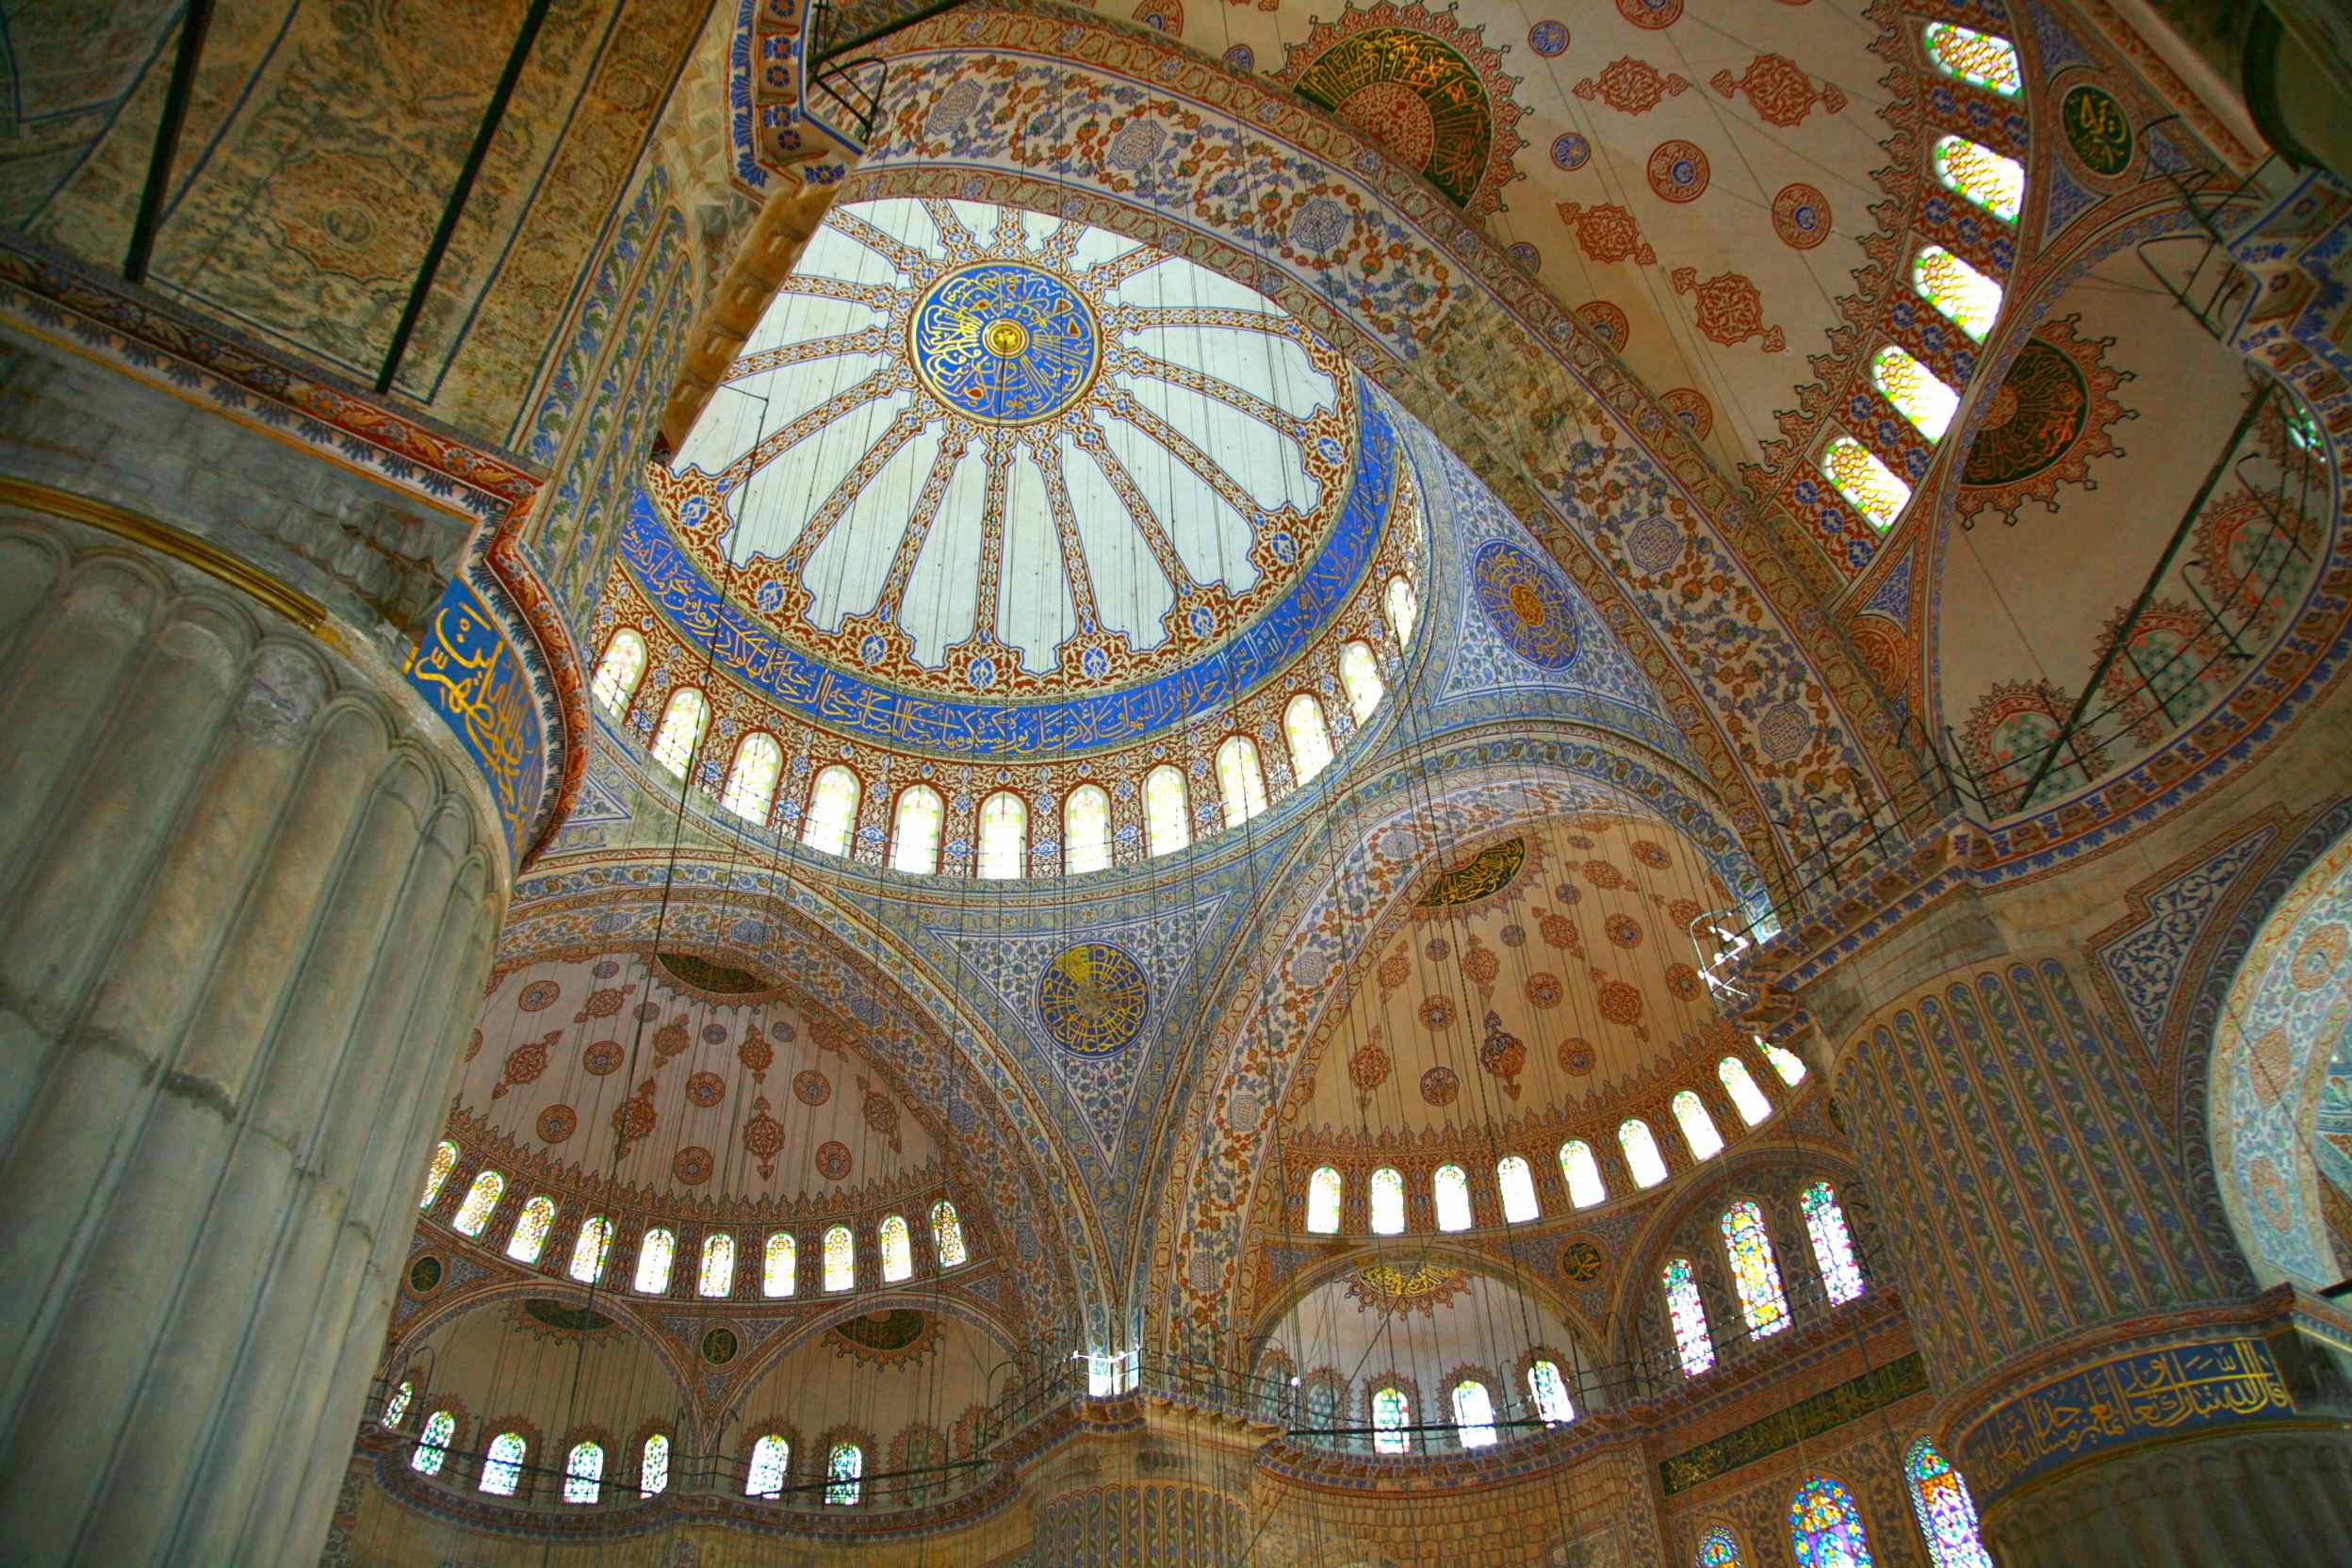 イスタンブールで人気の観光名所おすすめ14選!文化の融合が美しい世界遺産も!